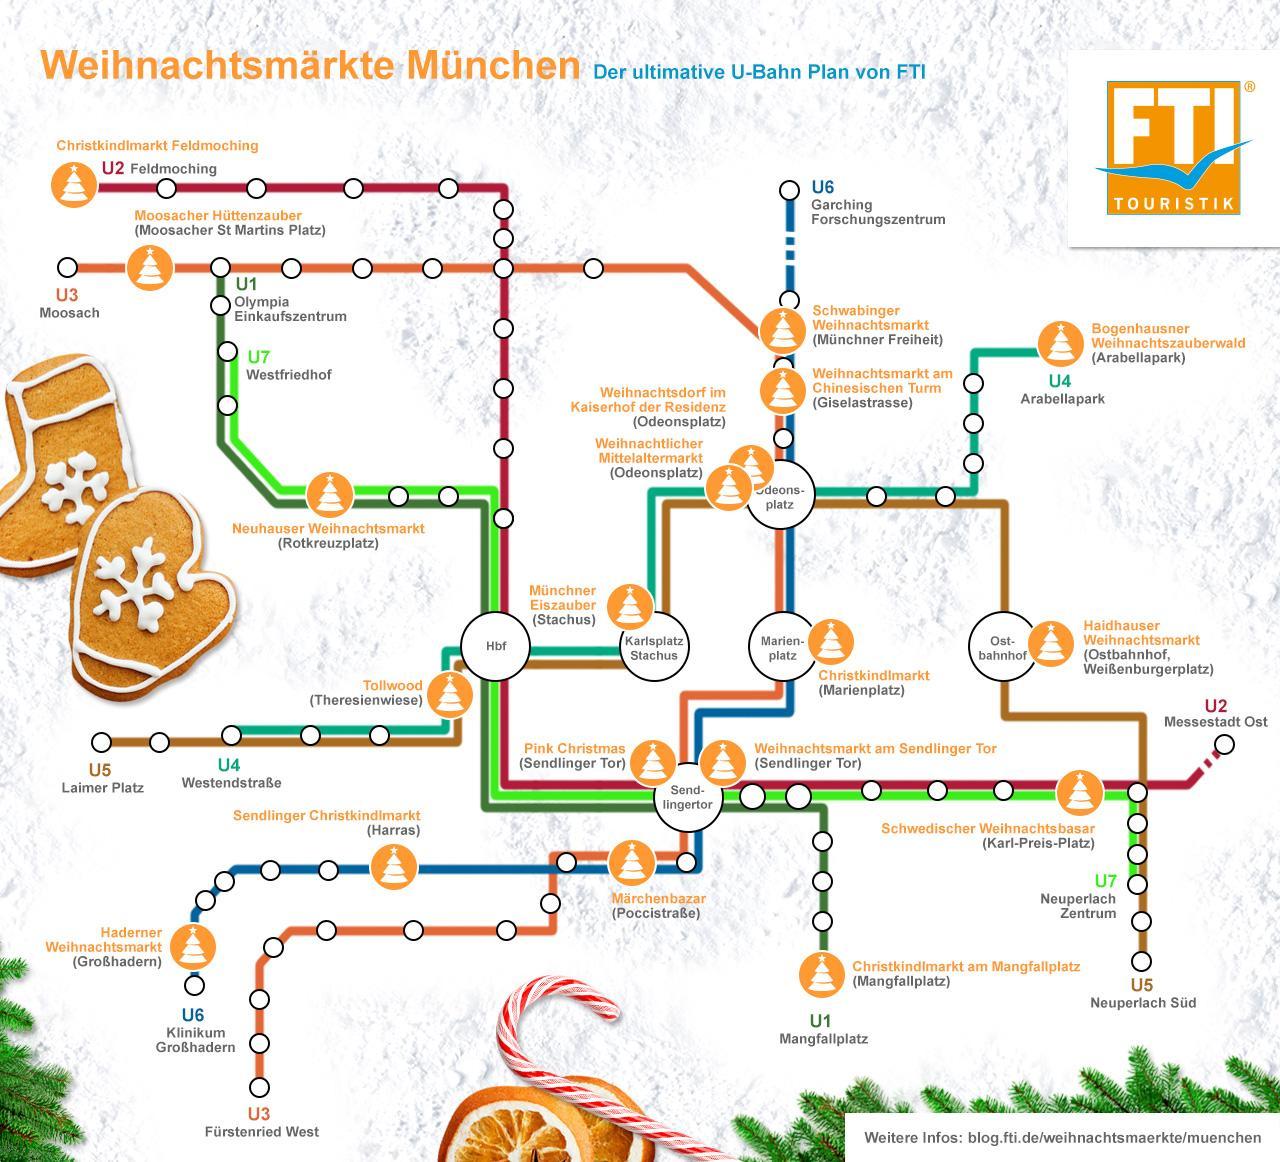 München Weihnachtsmarkt.Der U Bahn Weihnachtsmarkt Fahrplan München Fti Reiseblog